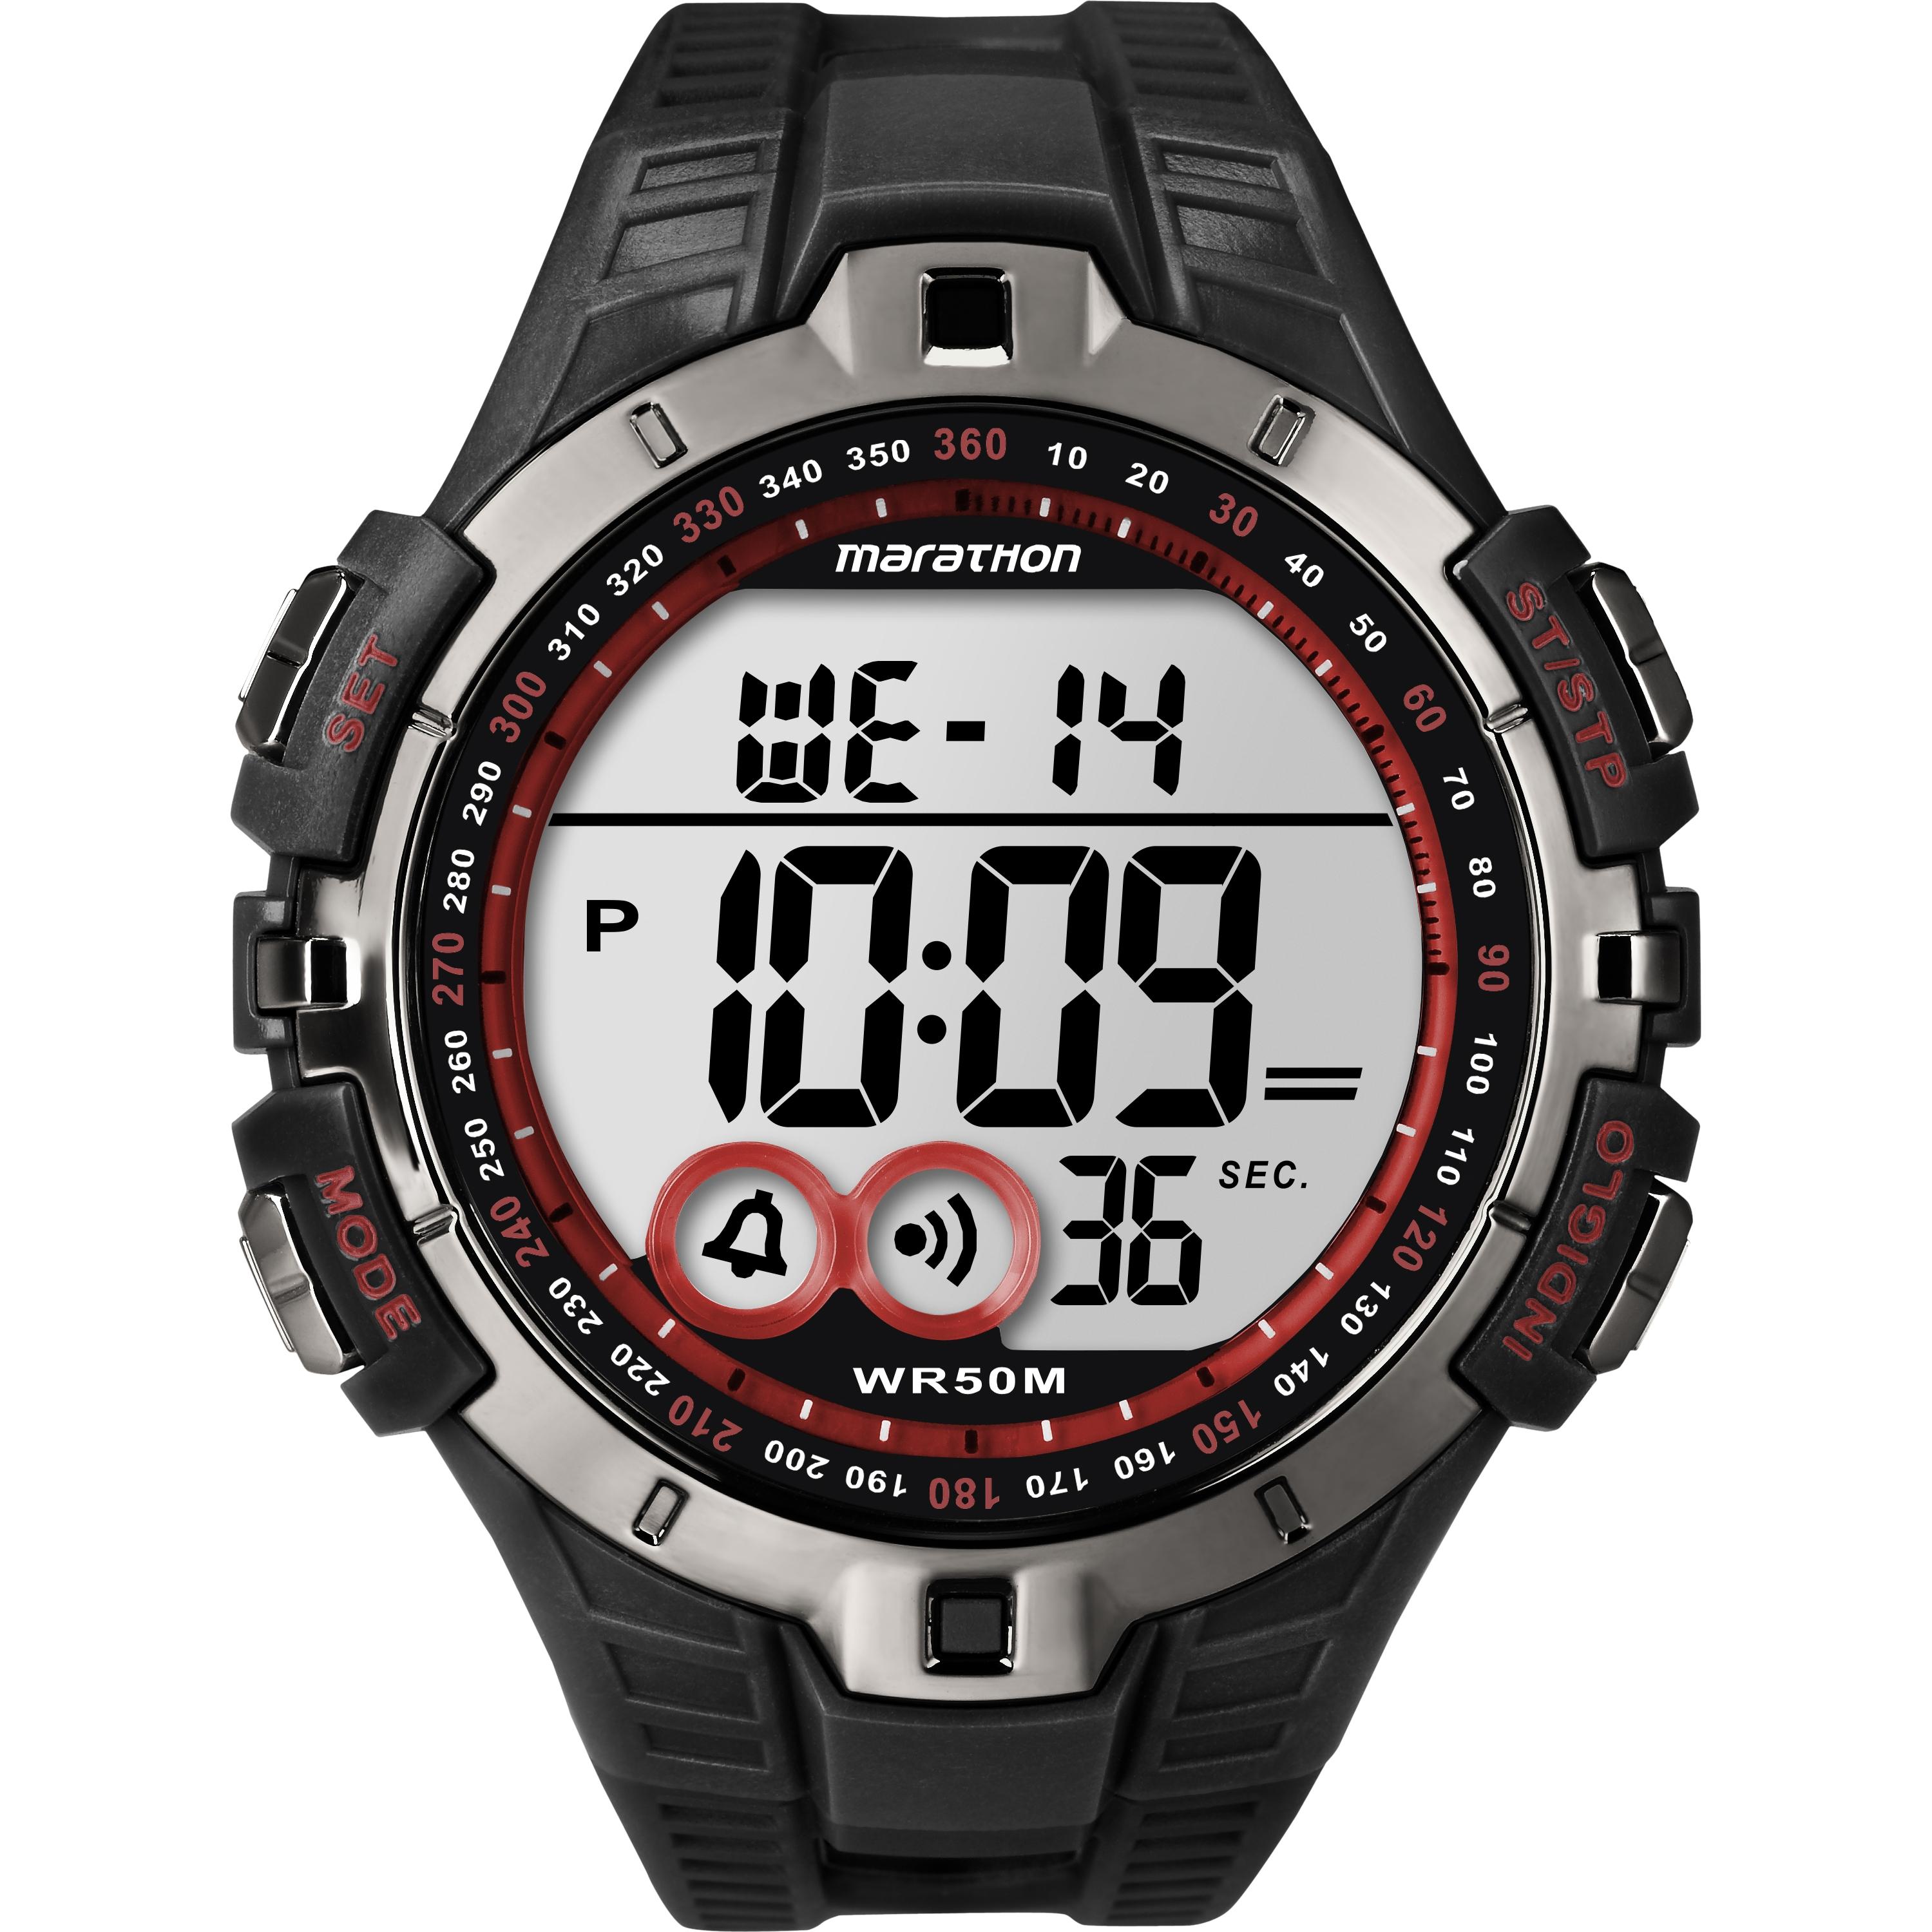 Gents Timex Marathon Alarm Chronograph Watch T5k423 Watchshop